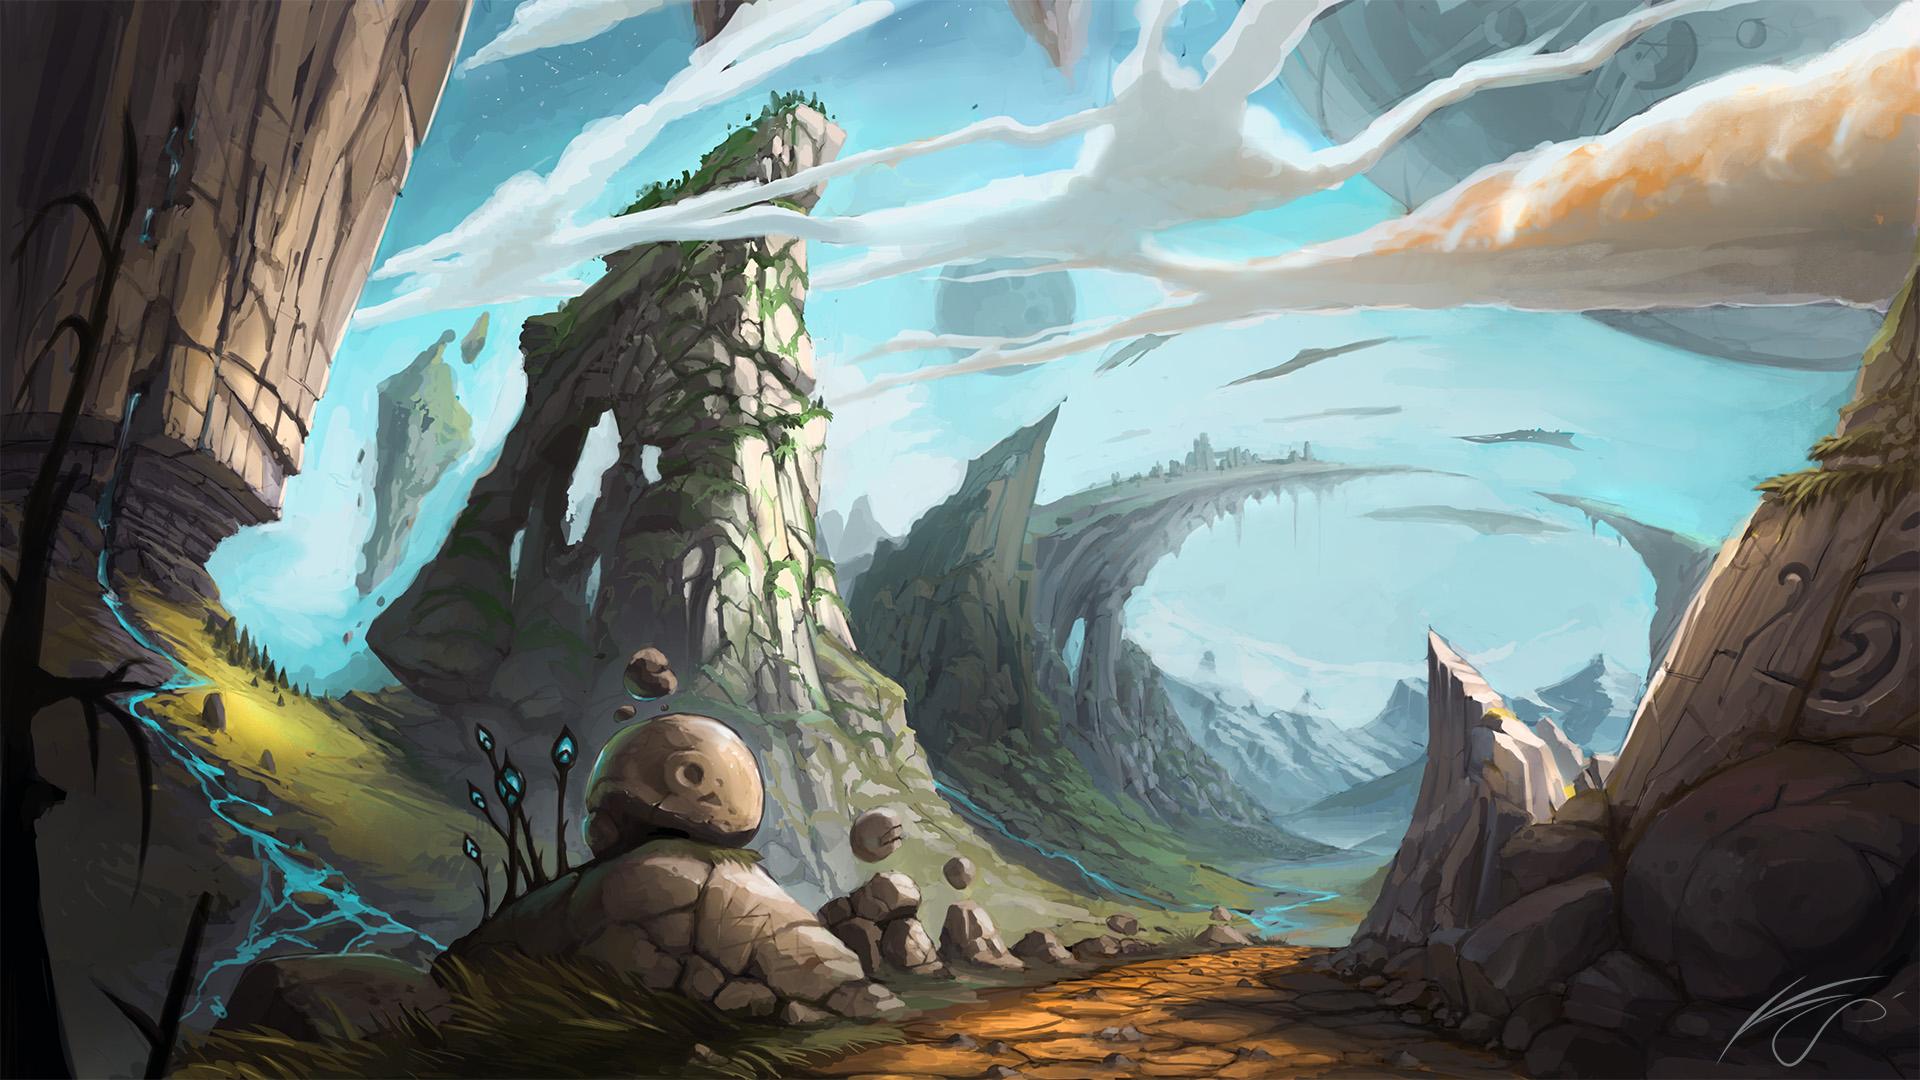 Alien Planet by Bezduch on DeviantArt